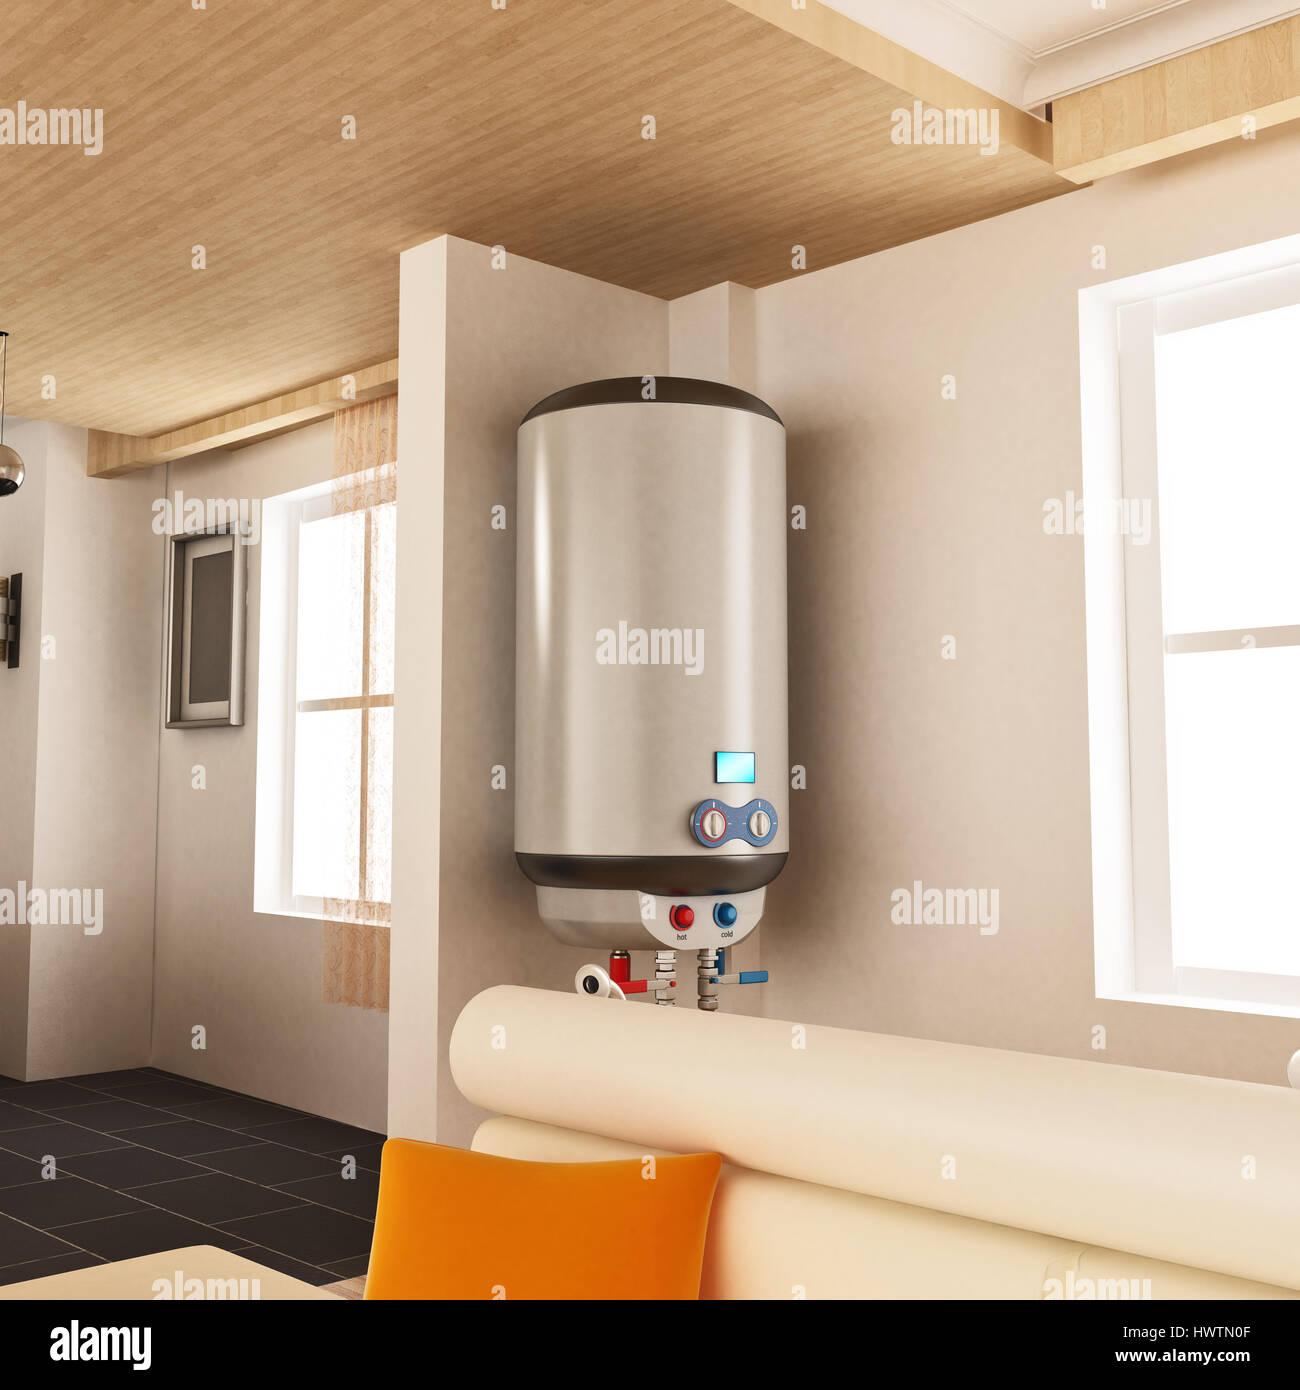 Calentador de agua colgando de la pared. Ilustración 3D. Imagen De Stock